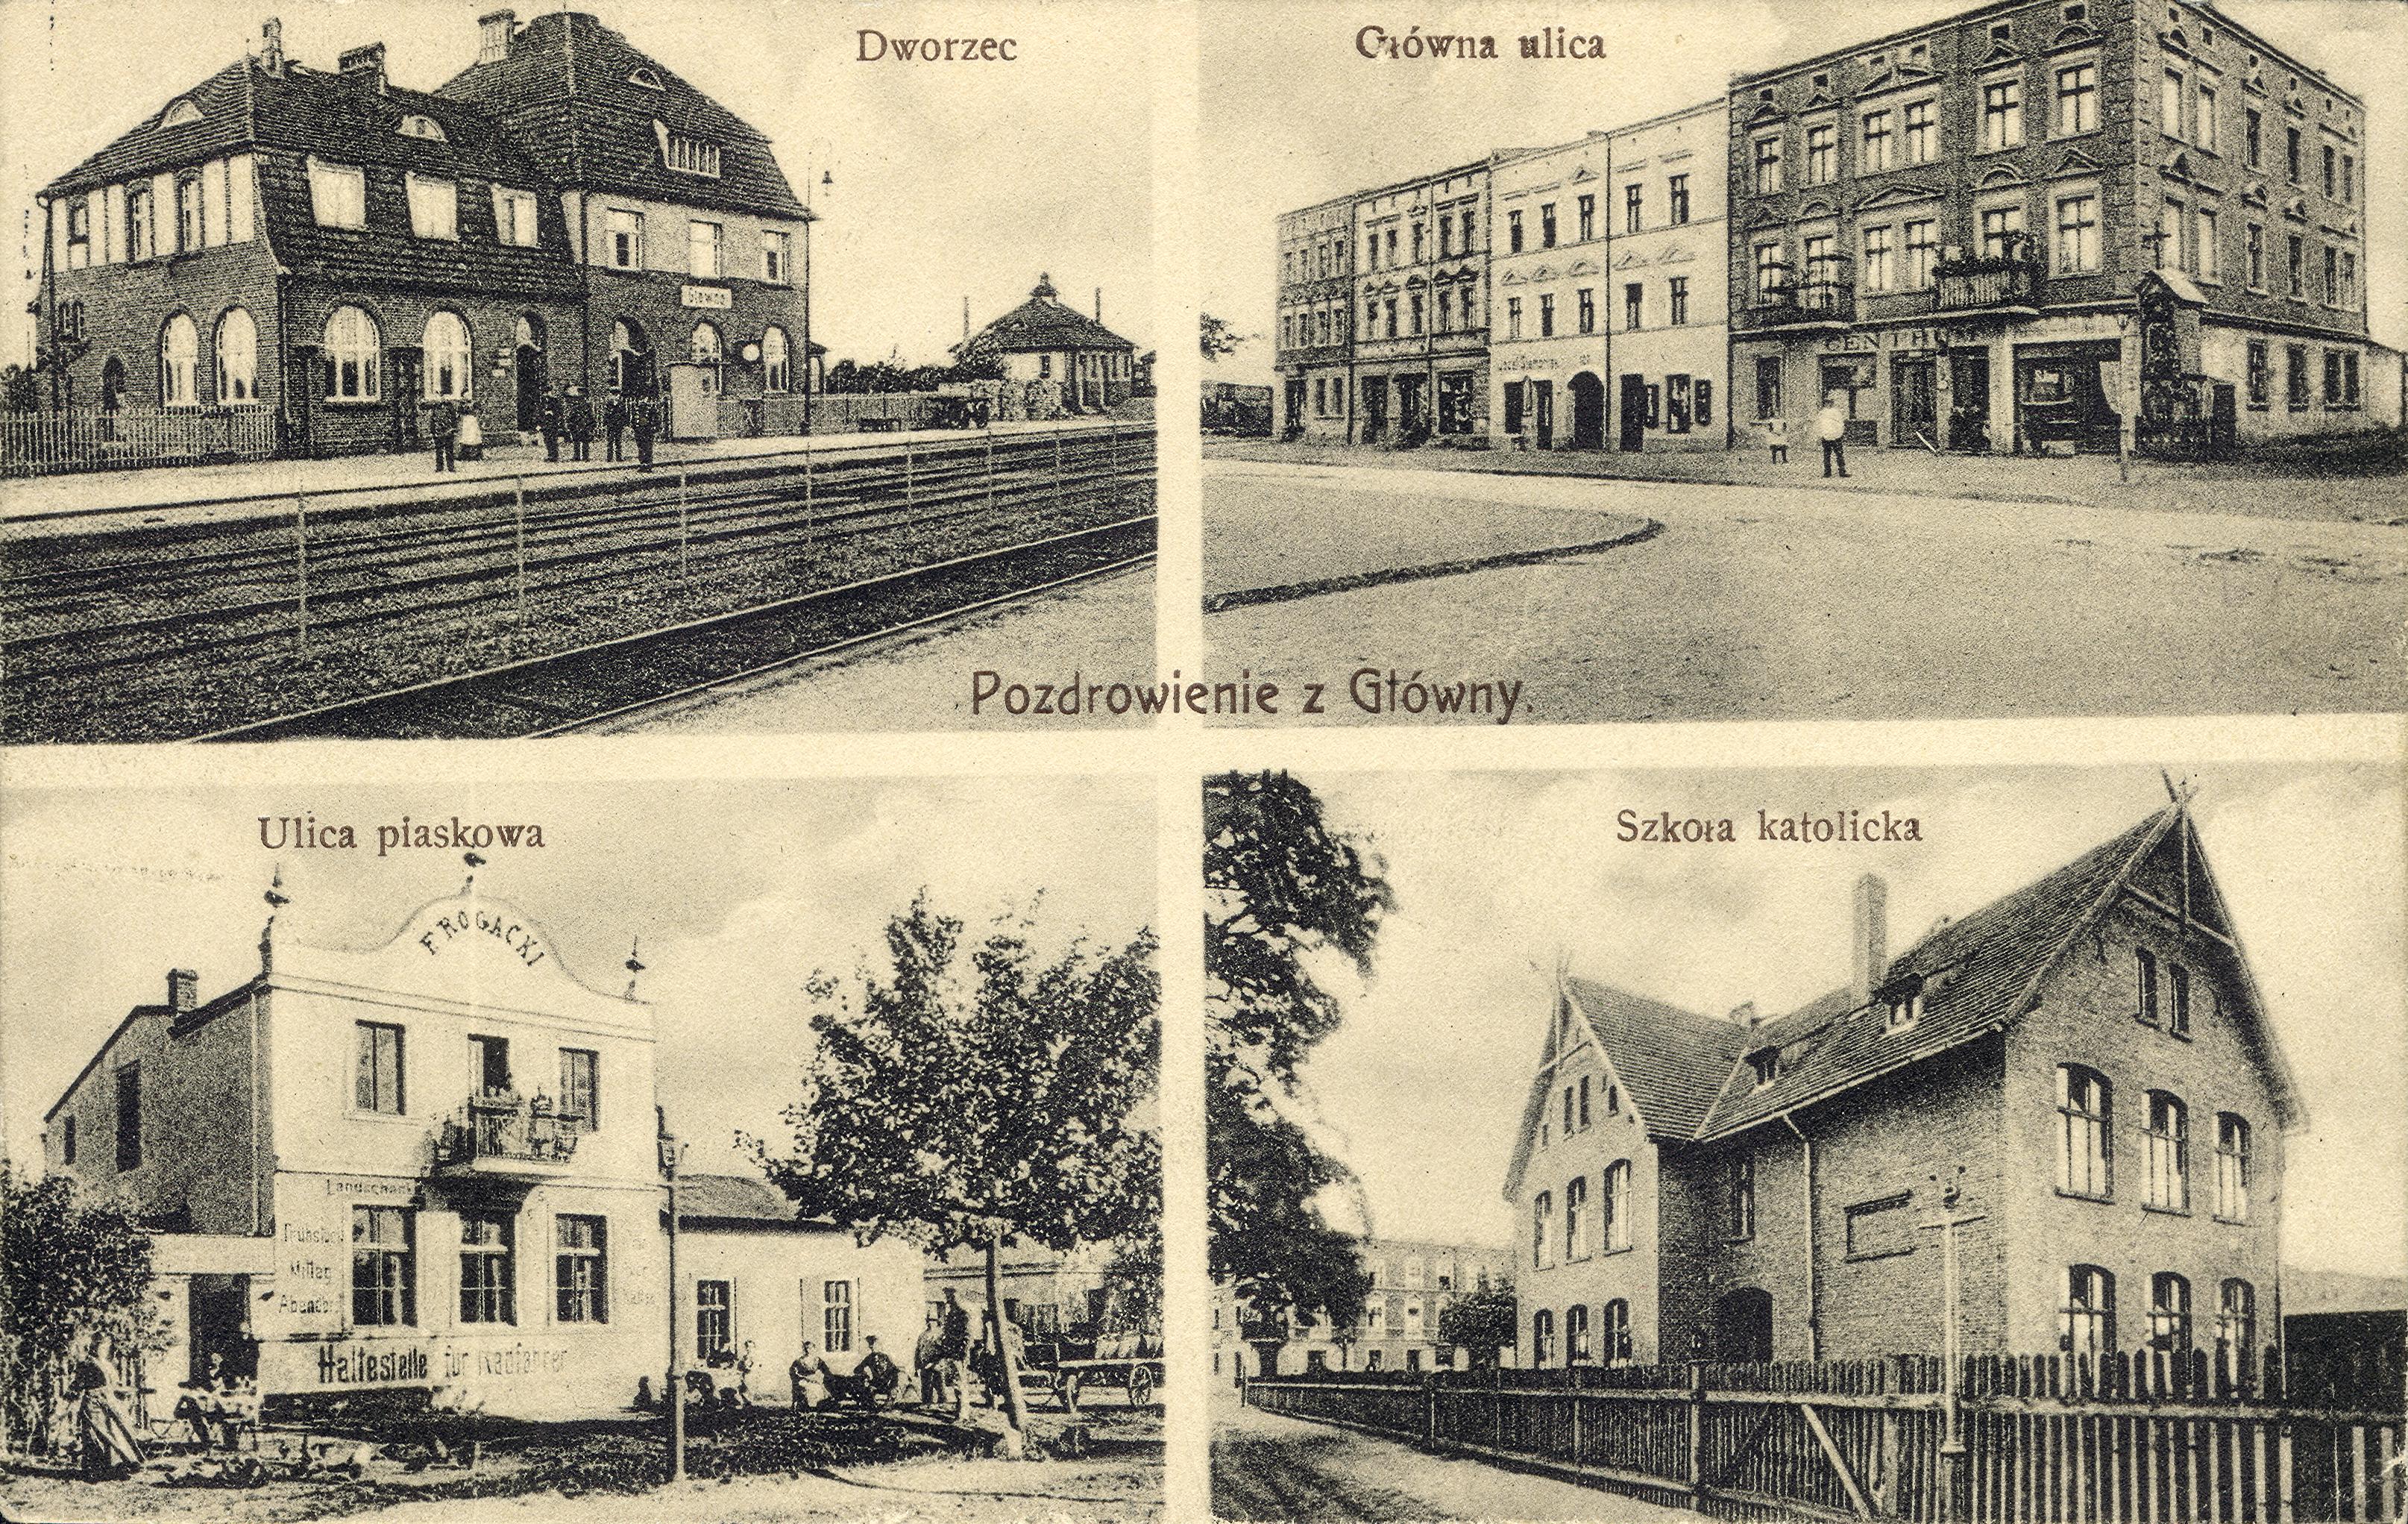 Pozdrowienie z Główny. Czteroobrazkowa karta pocztowa z widokami Głównej. [1] Dworzec kolejowy Główno (dziś Poznań Wschód); [2] ulica Główna z perspektywy skrzyżowania z ulicą Nadolnik – widoczna kapliczka maryjna ceglana, otynkowana, jedną ścianą przyległa do kamienicy przy ul. Głównej 64 ufundowana w 1881 roku, fundatorką była Pietronela Czarnecka; [3] ulica Piaskowa (dziś ulica Sucha); [4] Szkoła katolicka, tzw. czerwona szkoła (do niedawna Gimnazjum nr 20 im. o. Mariana Żelazka, ul. Główna 42). Ze zbiorów Biblioteki Uniwersyteckiej w Poznaniu